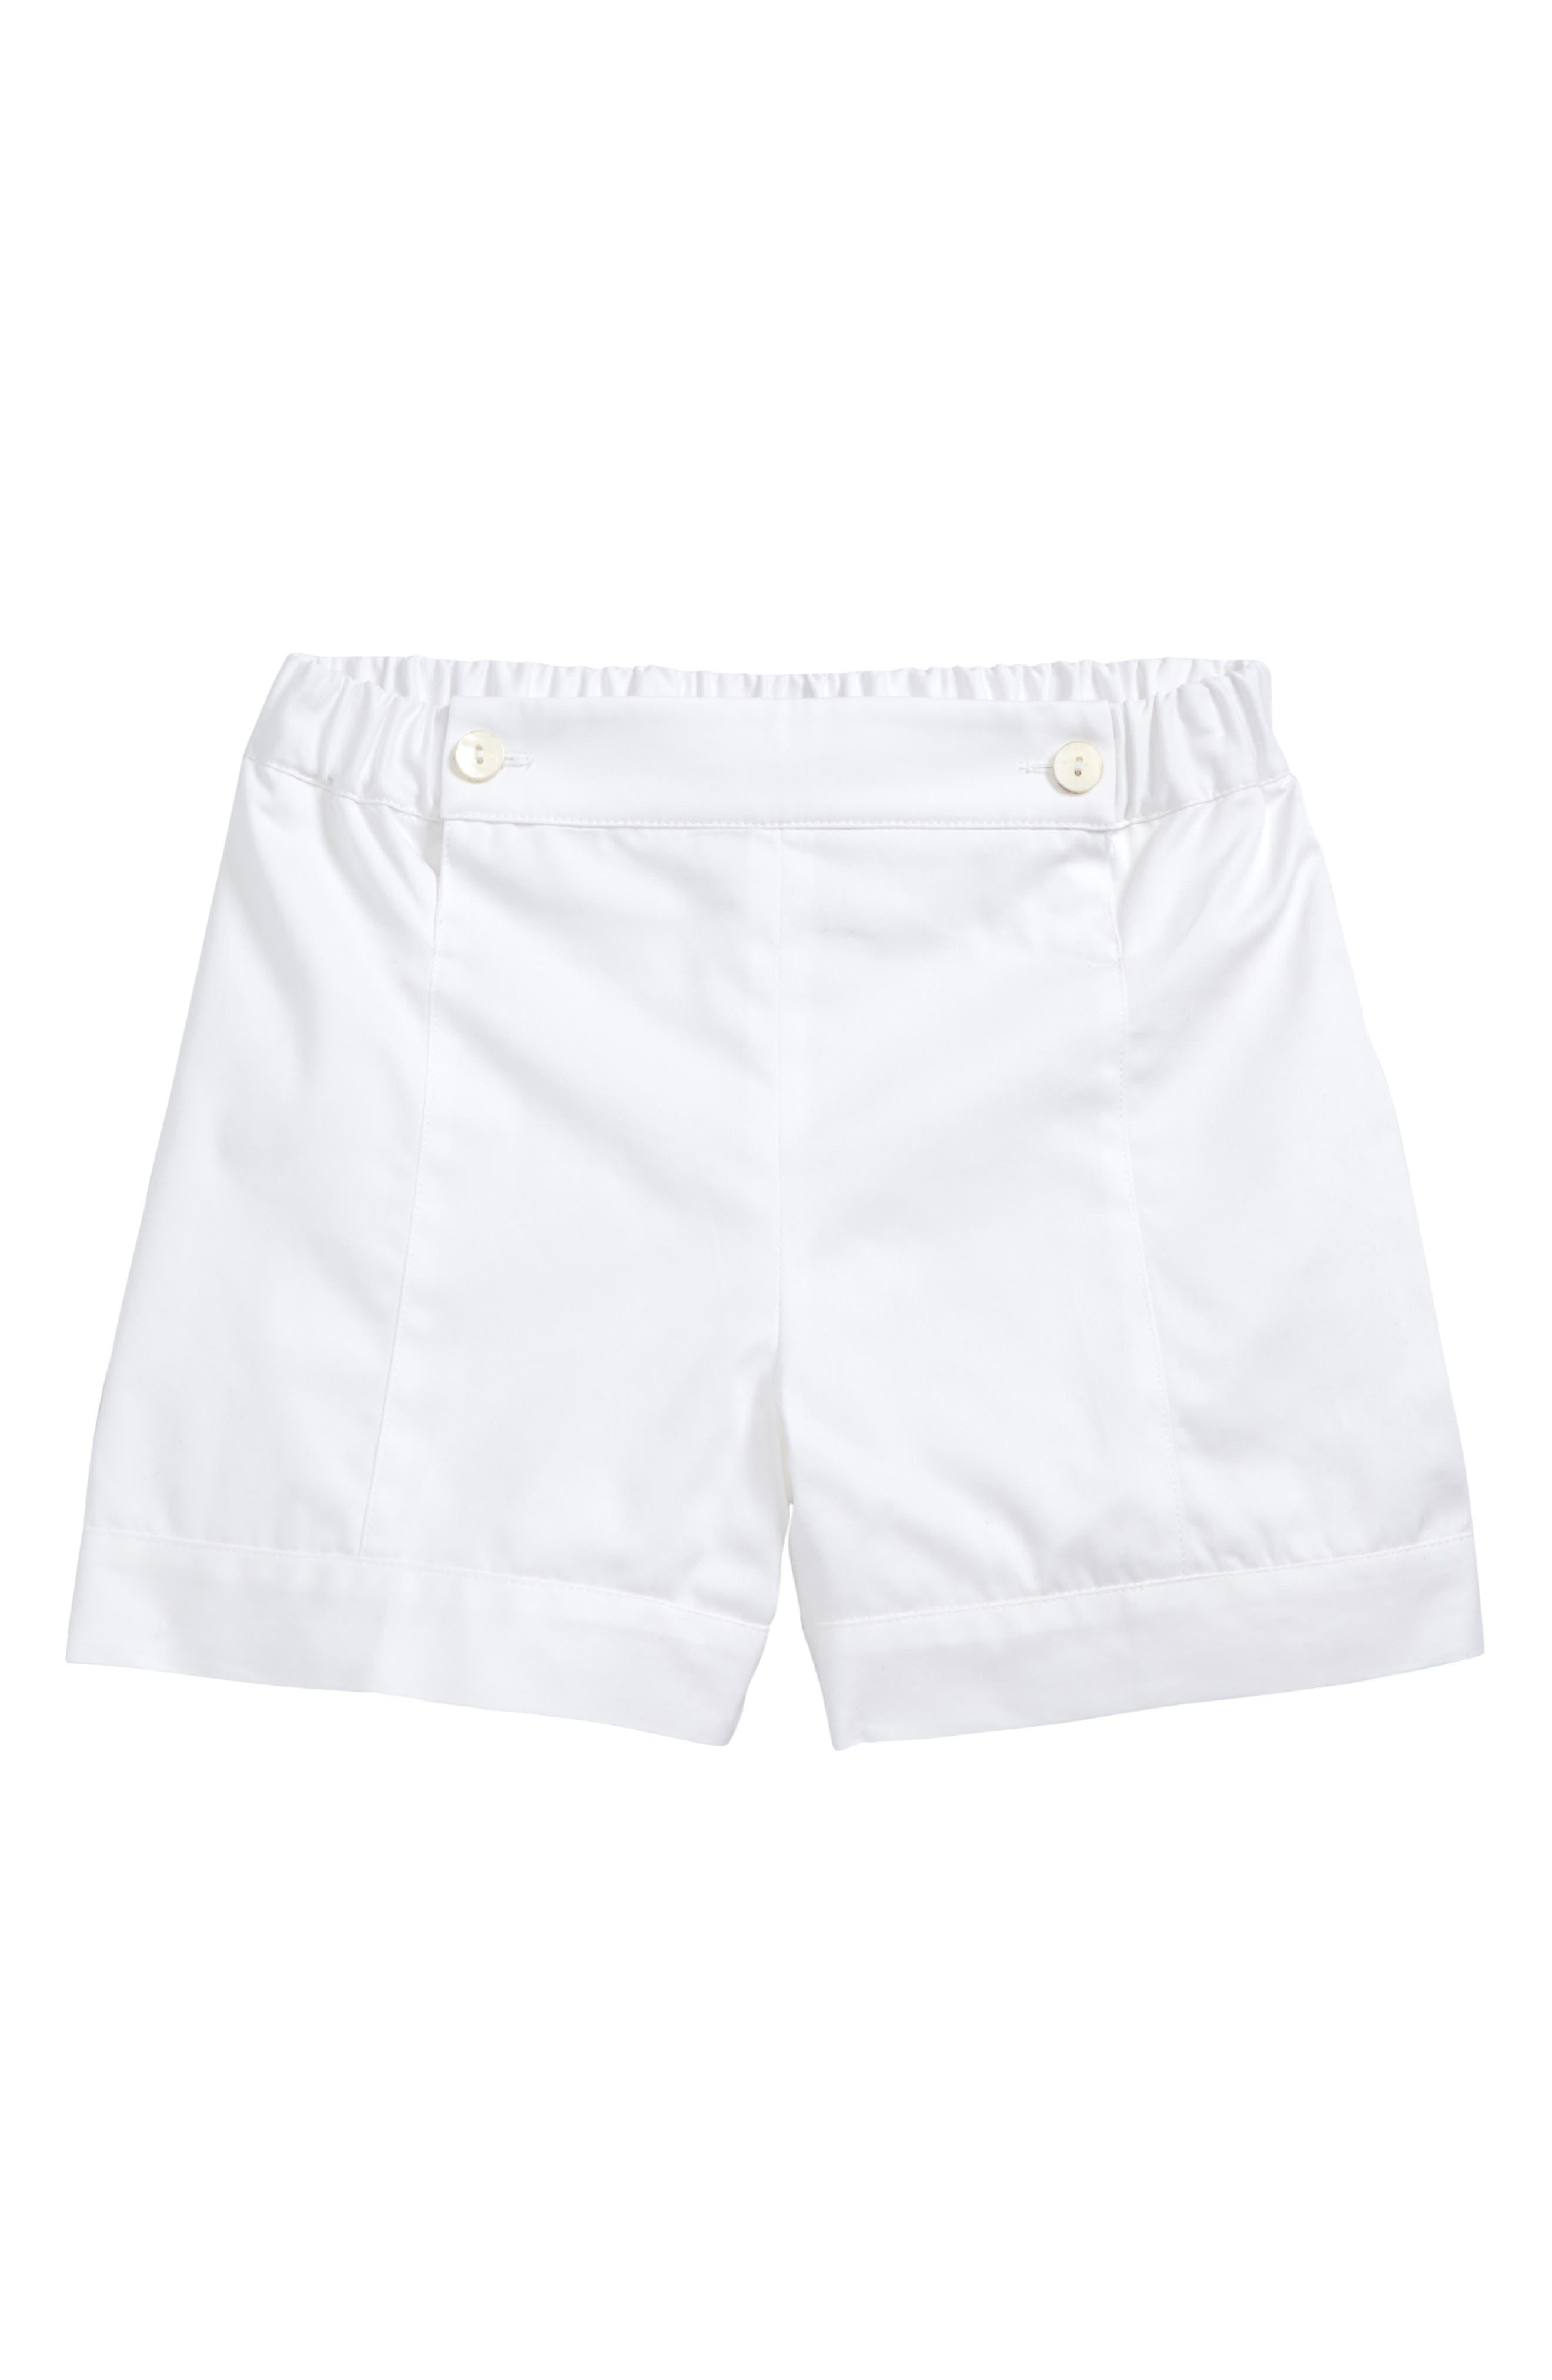 Sailor Shorts,                             Main thumbnail 1, color,                             100